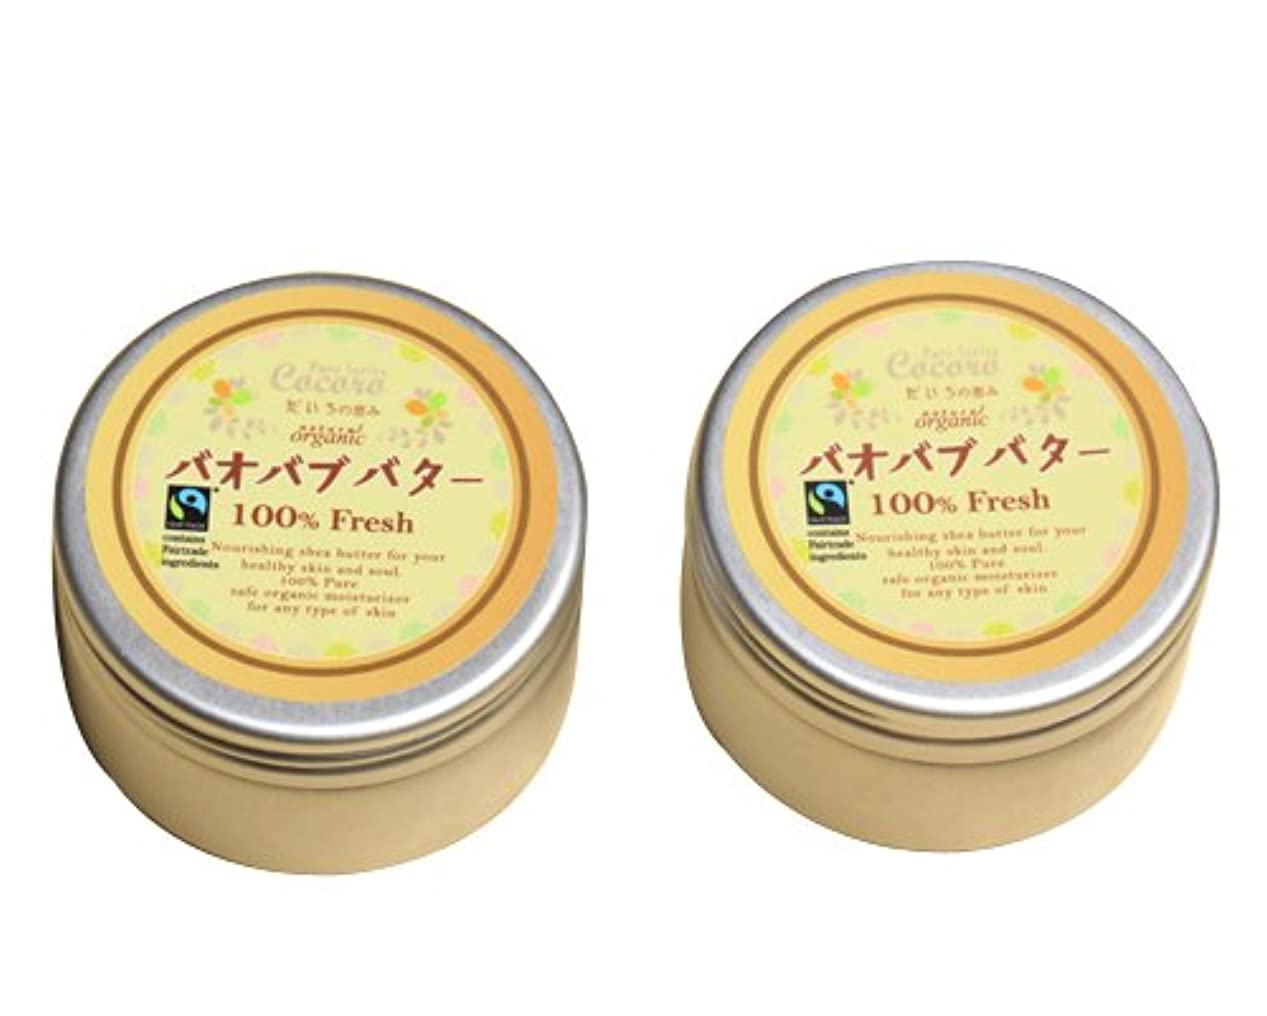 蒸発するカーフ無効にするシアバターとバオバブオイルのブレンドバター フェアトレード認証つき 2個